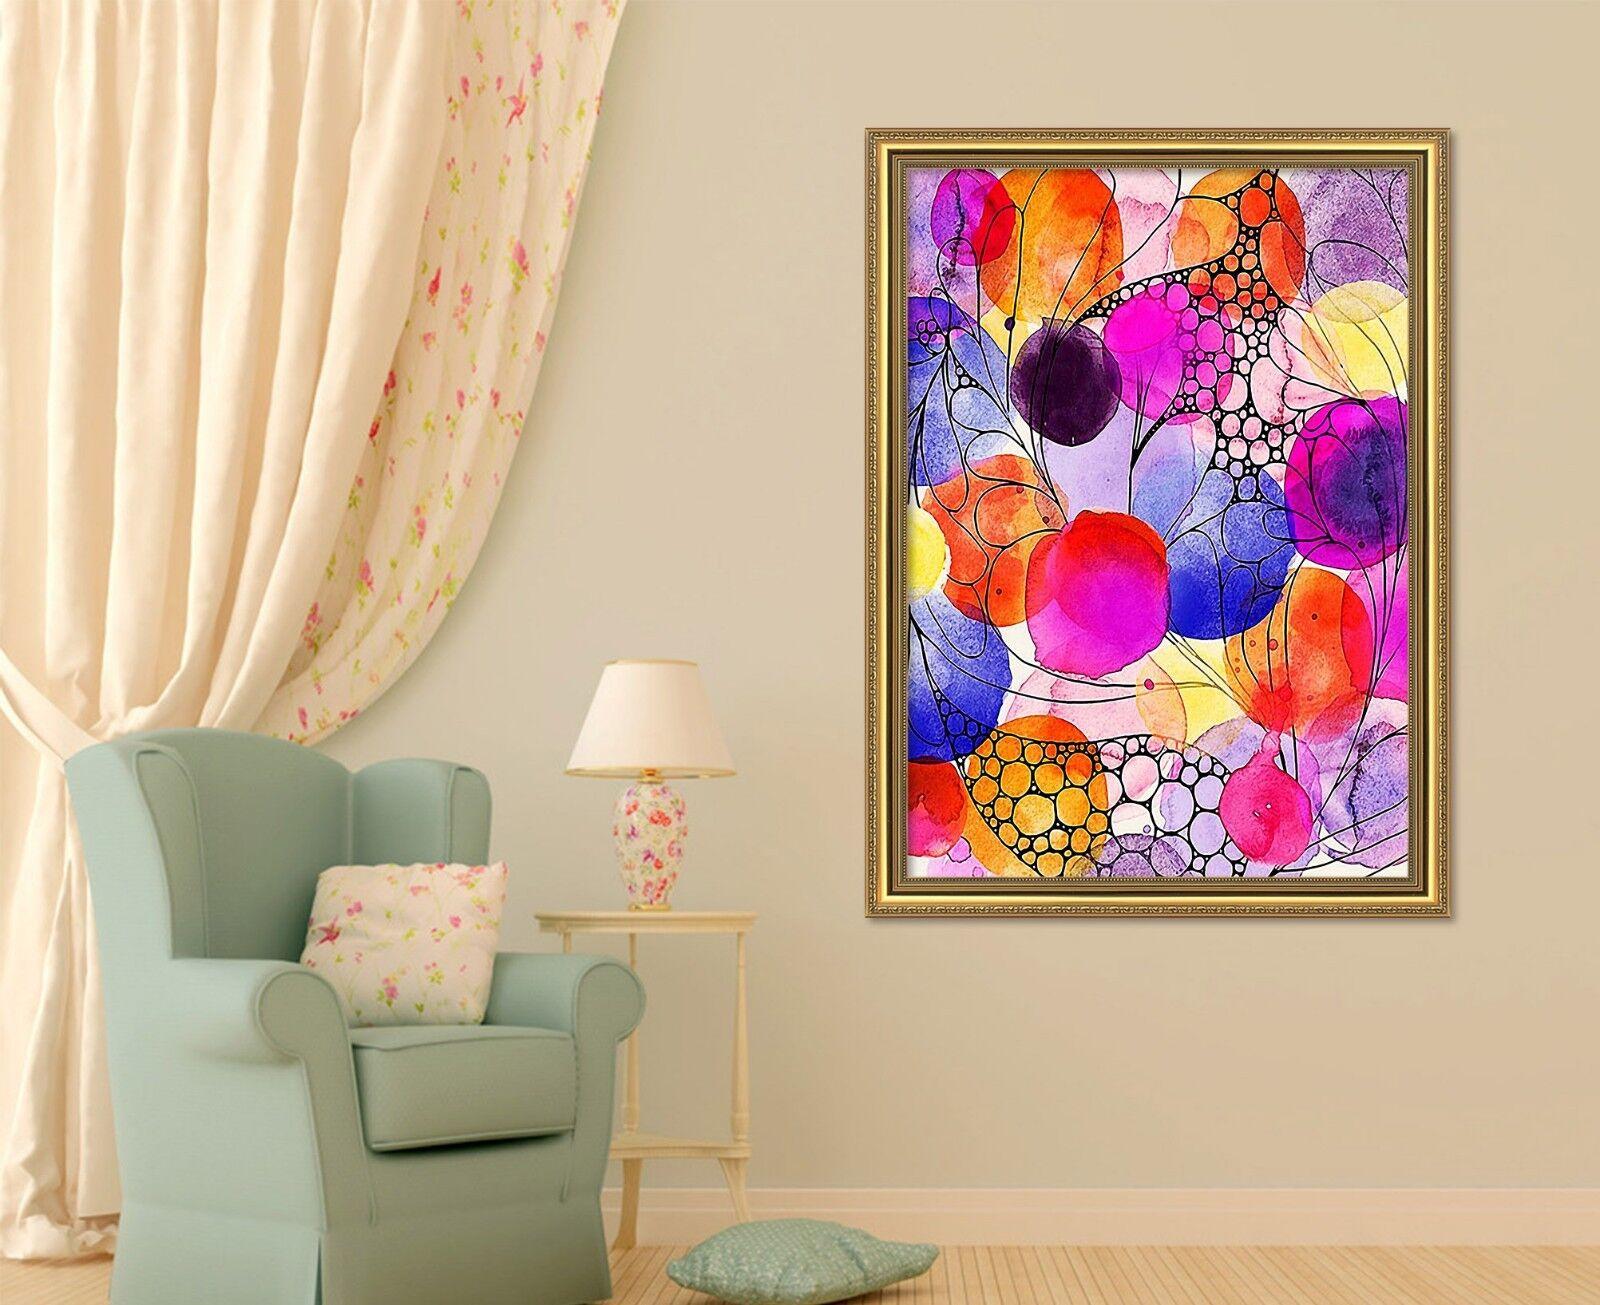 3D Couleur De Peinture 47 encadrée Poster Home Decor imprimer peinture art AJ UK